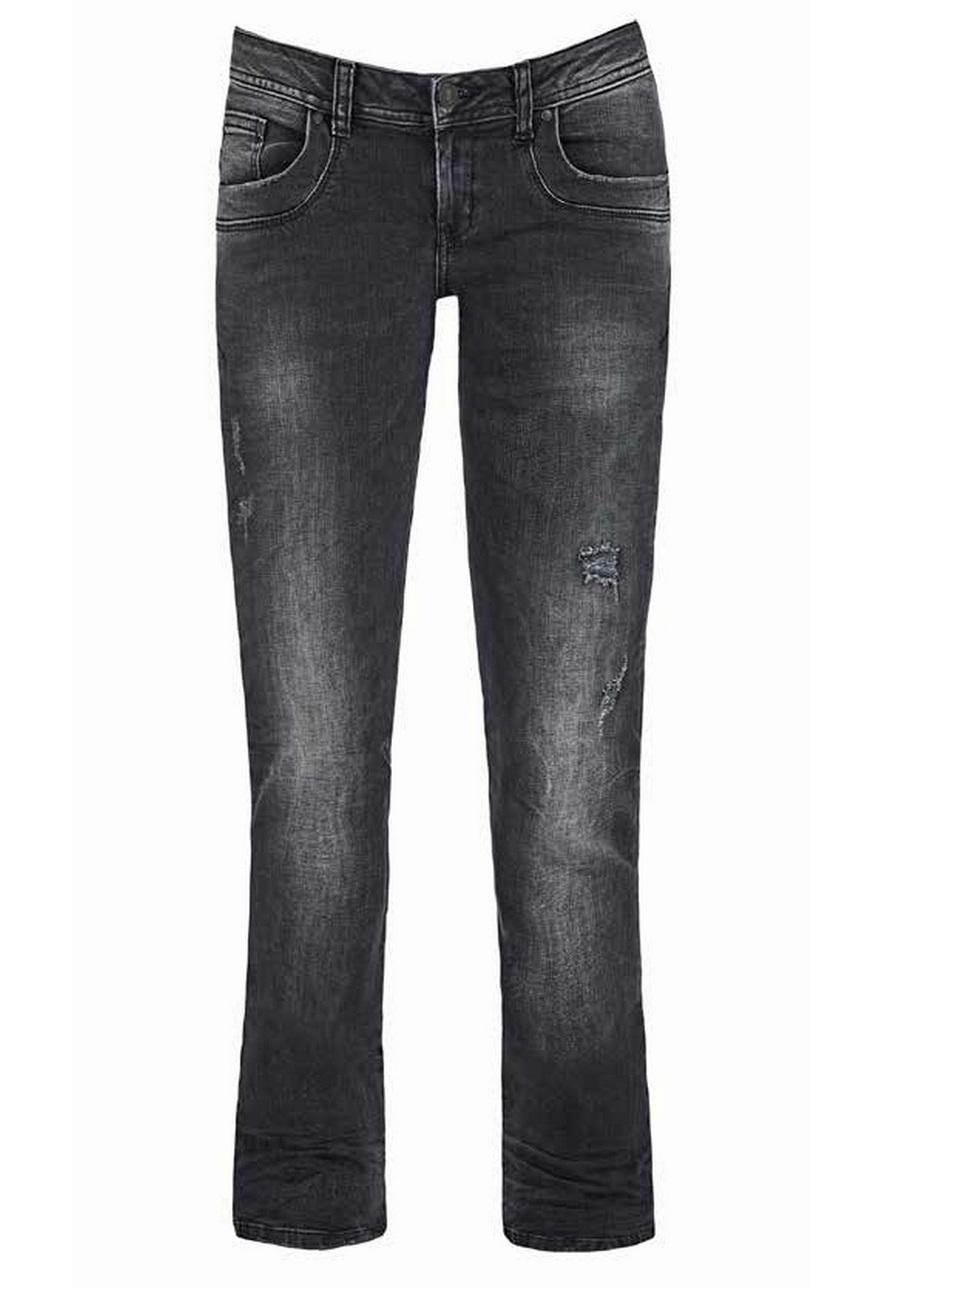 ltb damen jeans valerie bootcut schwarz vista black ebay. Black Bedroom Furniture Sets. Home Design Ideas